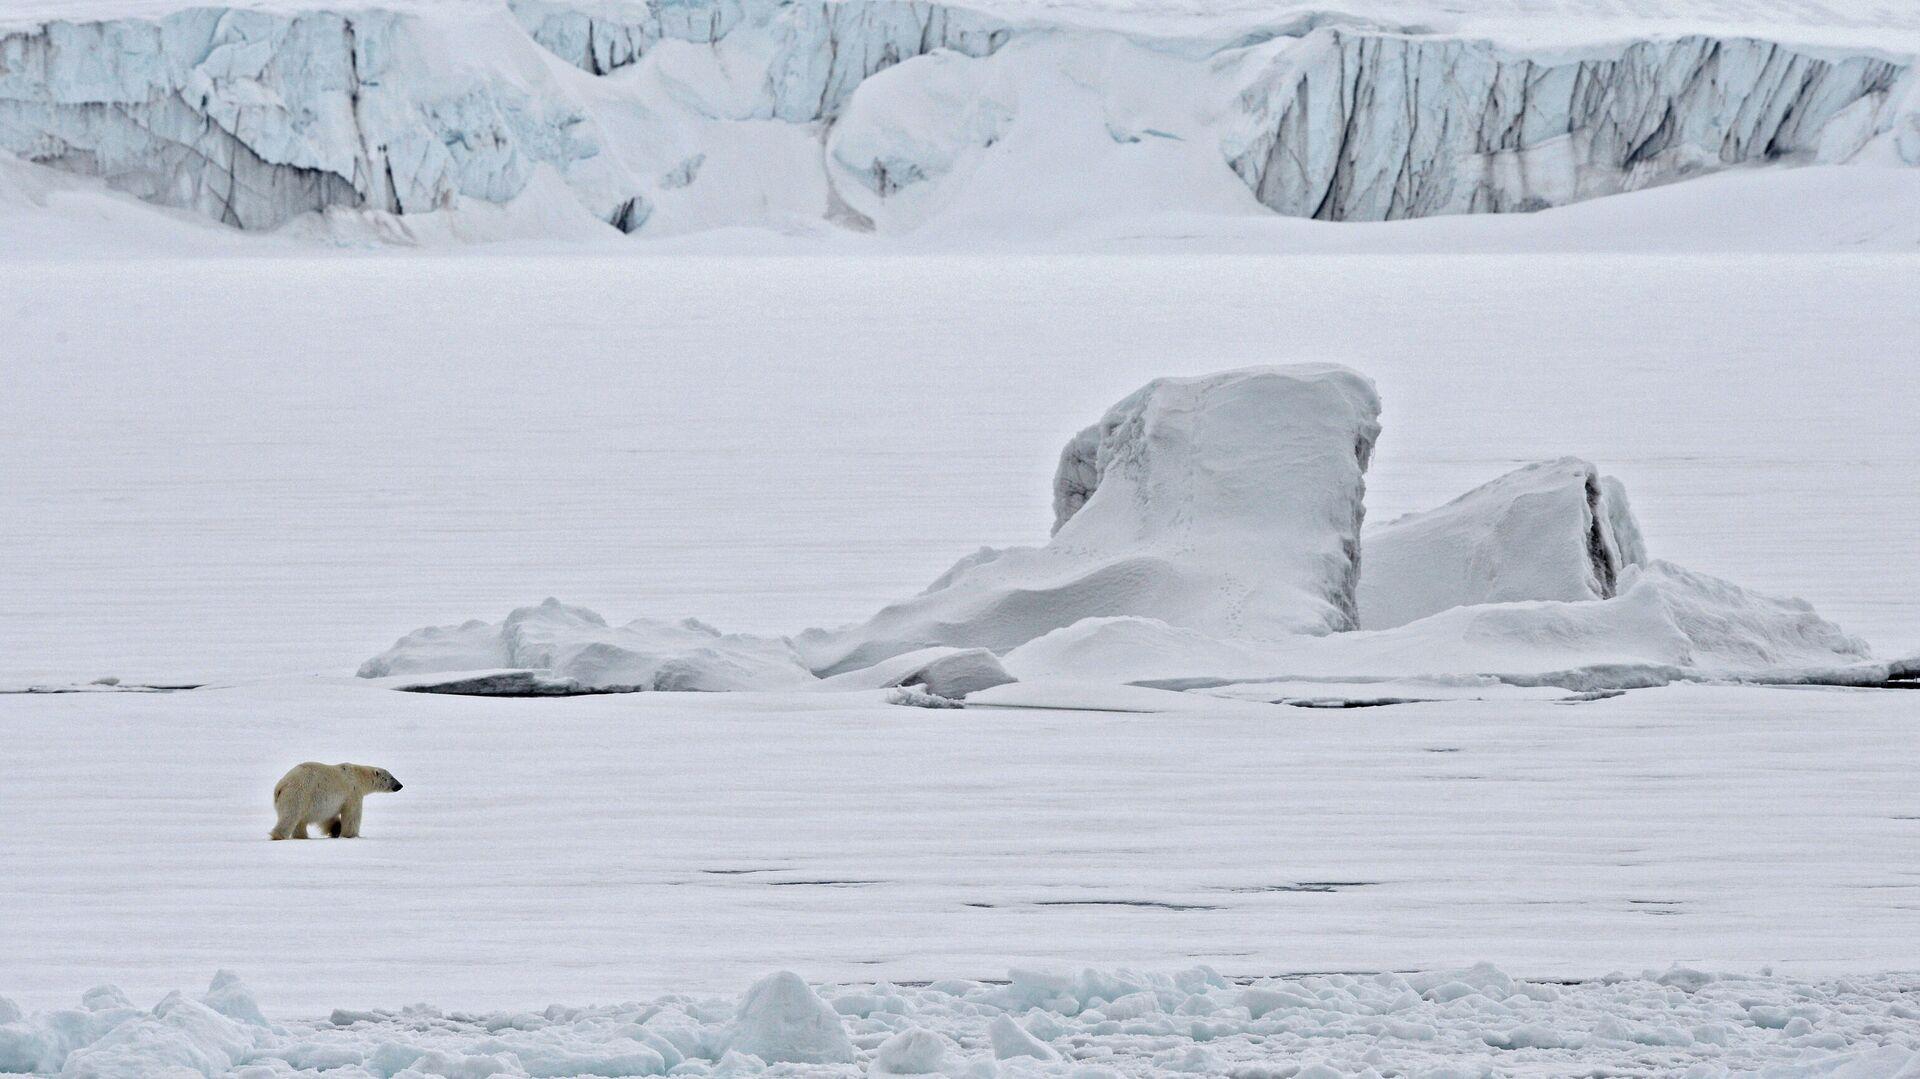 Белый медведь на льдине в Северном ледовитом океане. - РИА Новости, 1920, 19.11.2020